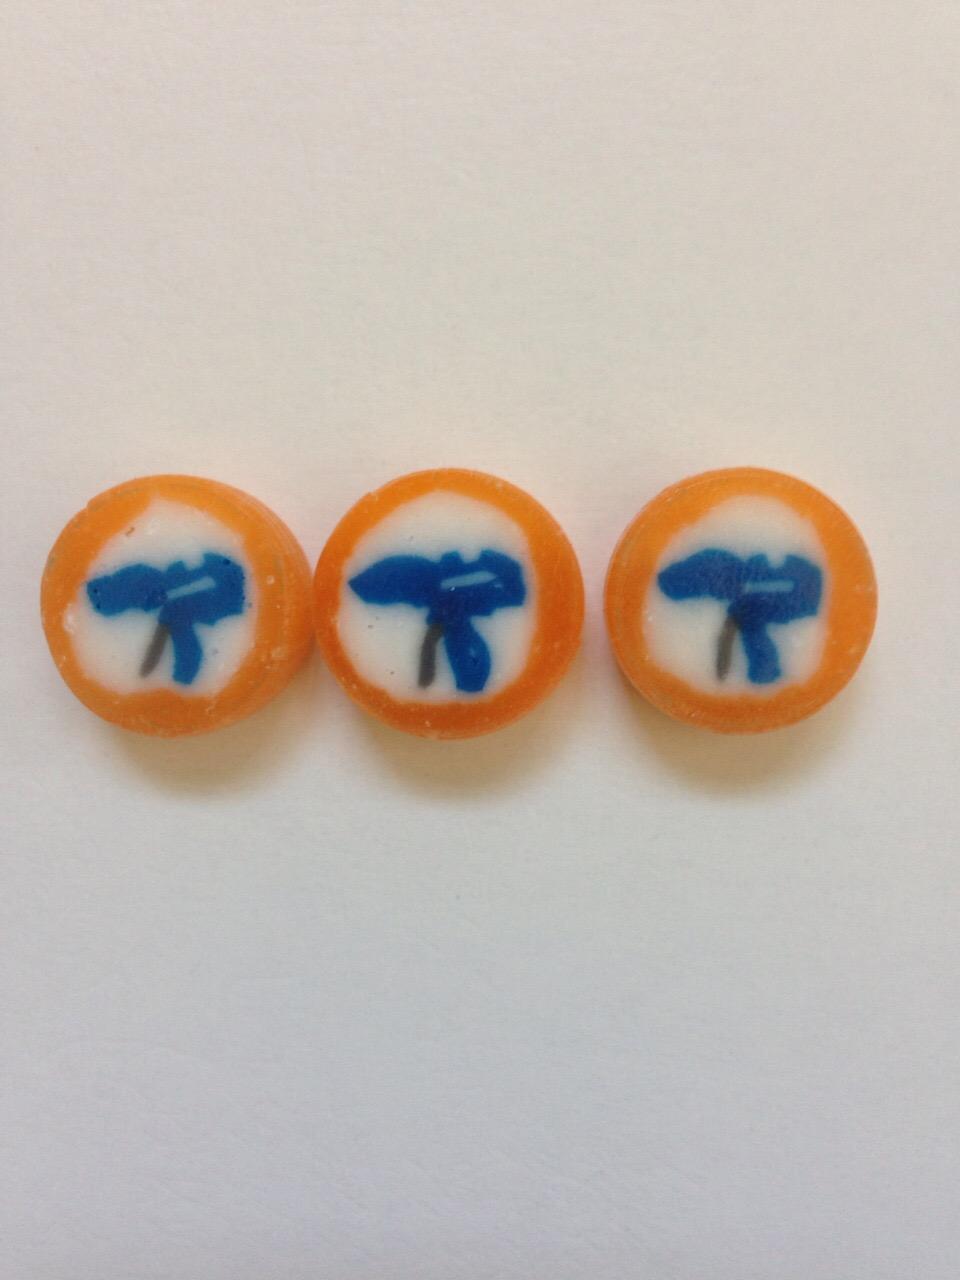 ノベルティー販促物のあめのイラストの出来は、キャンディーラボ、デポ、パパブブレ、キャンディーショタイムーには負けません。世界でひとつのオリジナルキャンディーを製作いたします